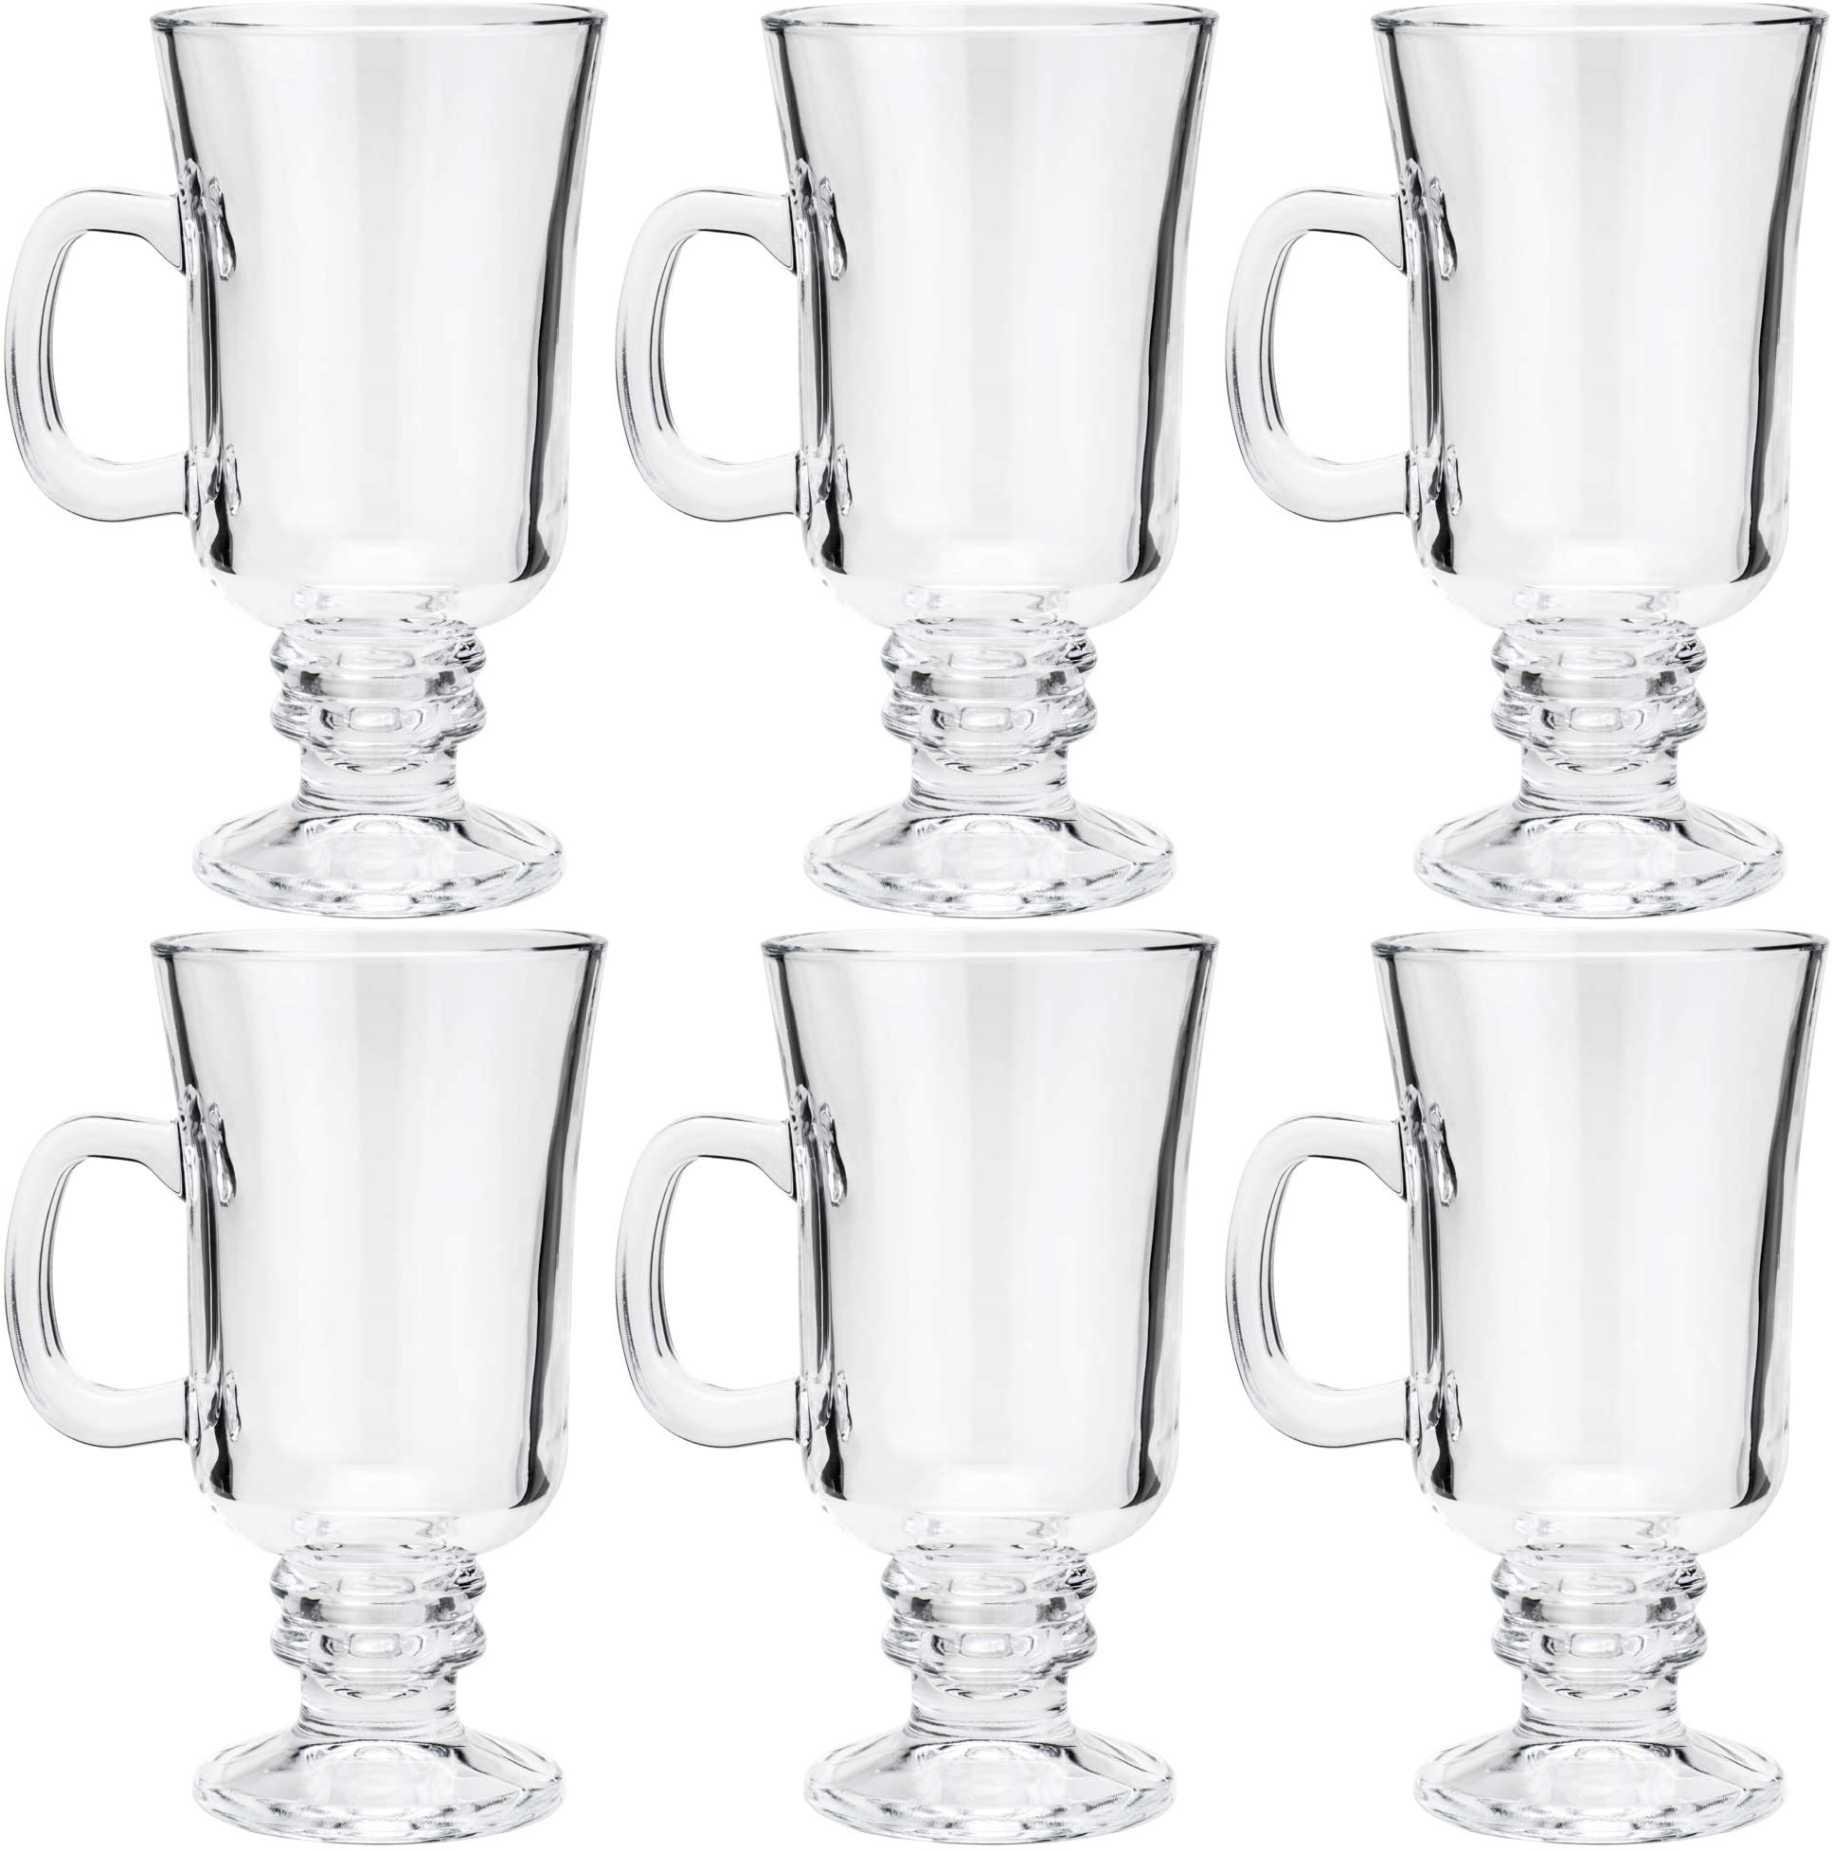 Conjunto De 6 Taças De Vidro Transparente Para Cappuccino 250ml - Lyor